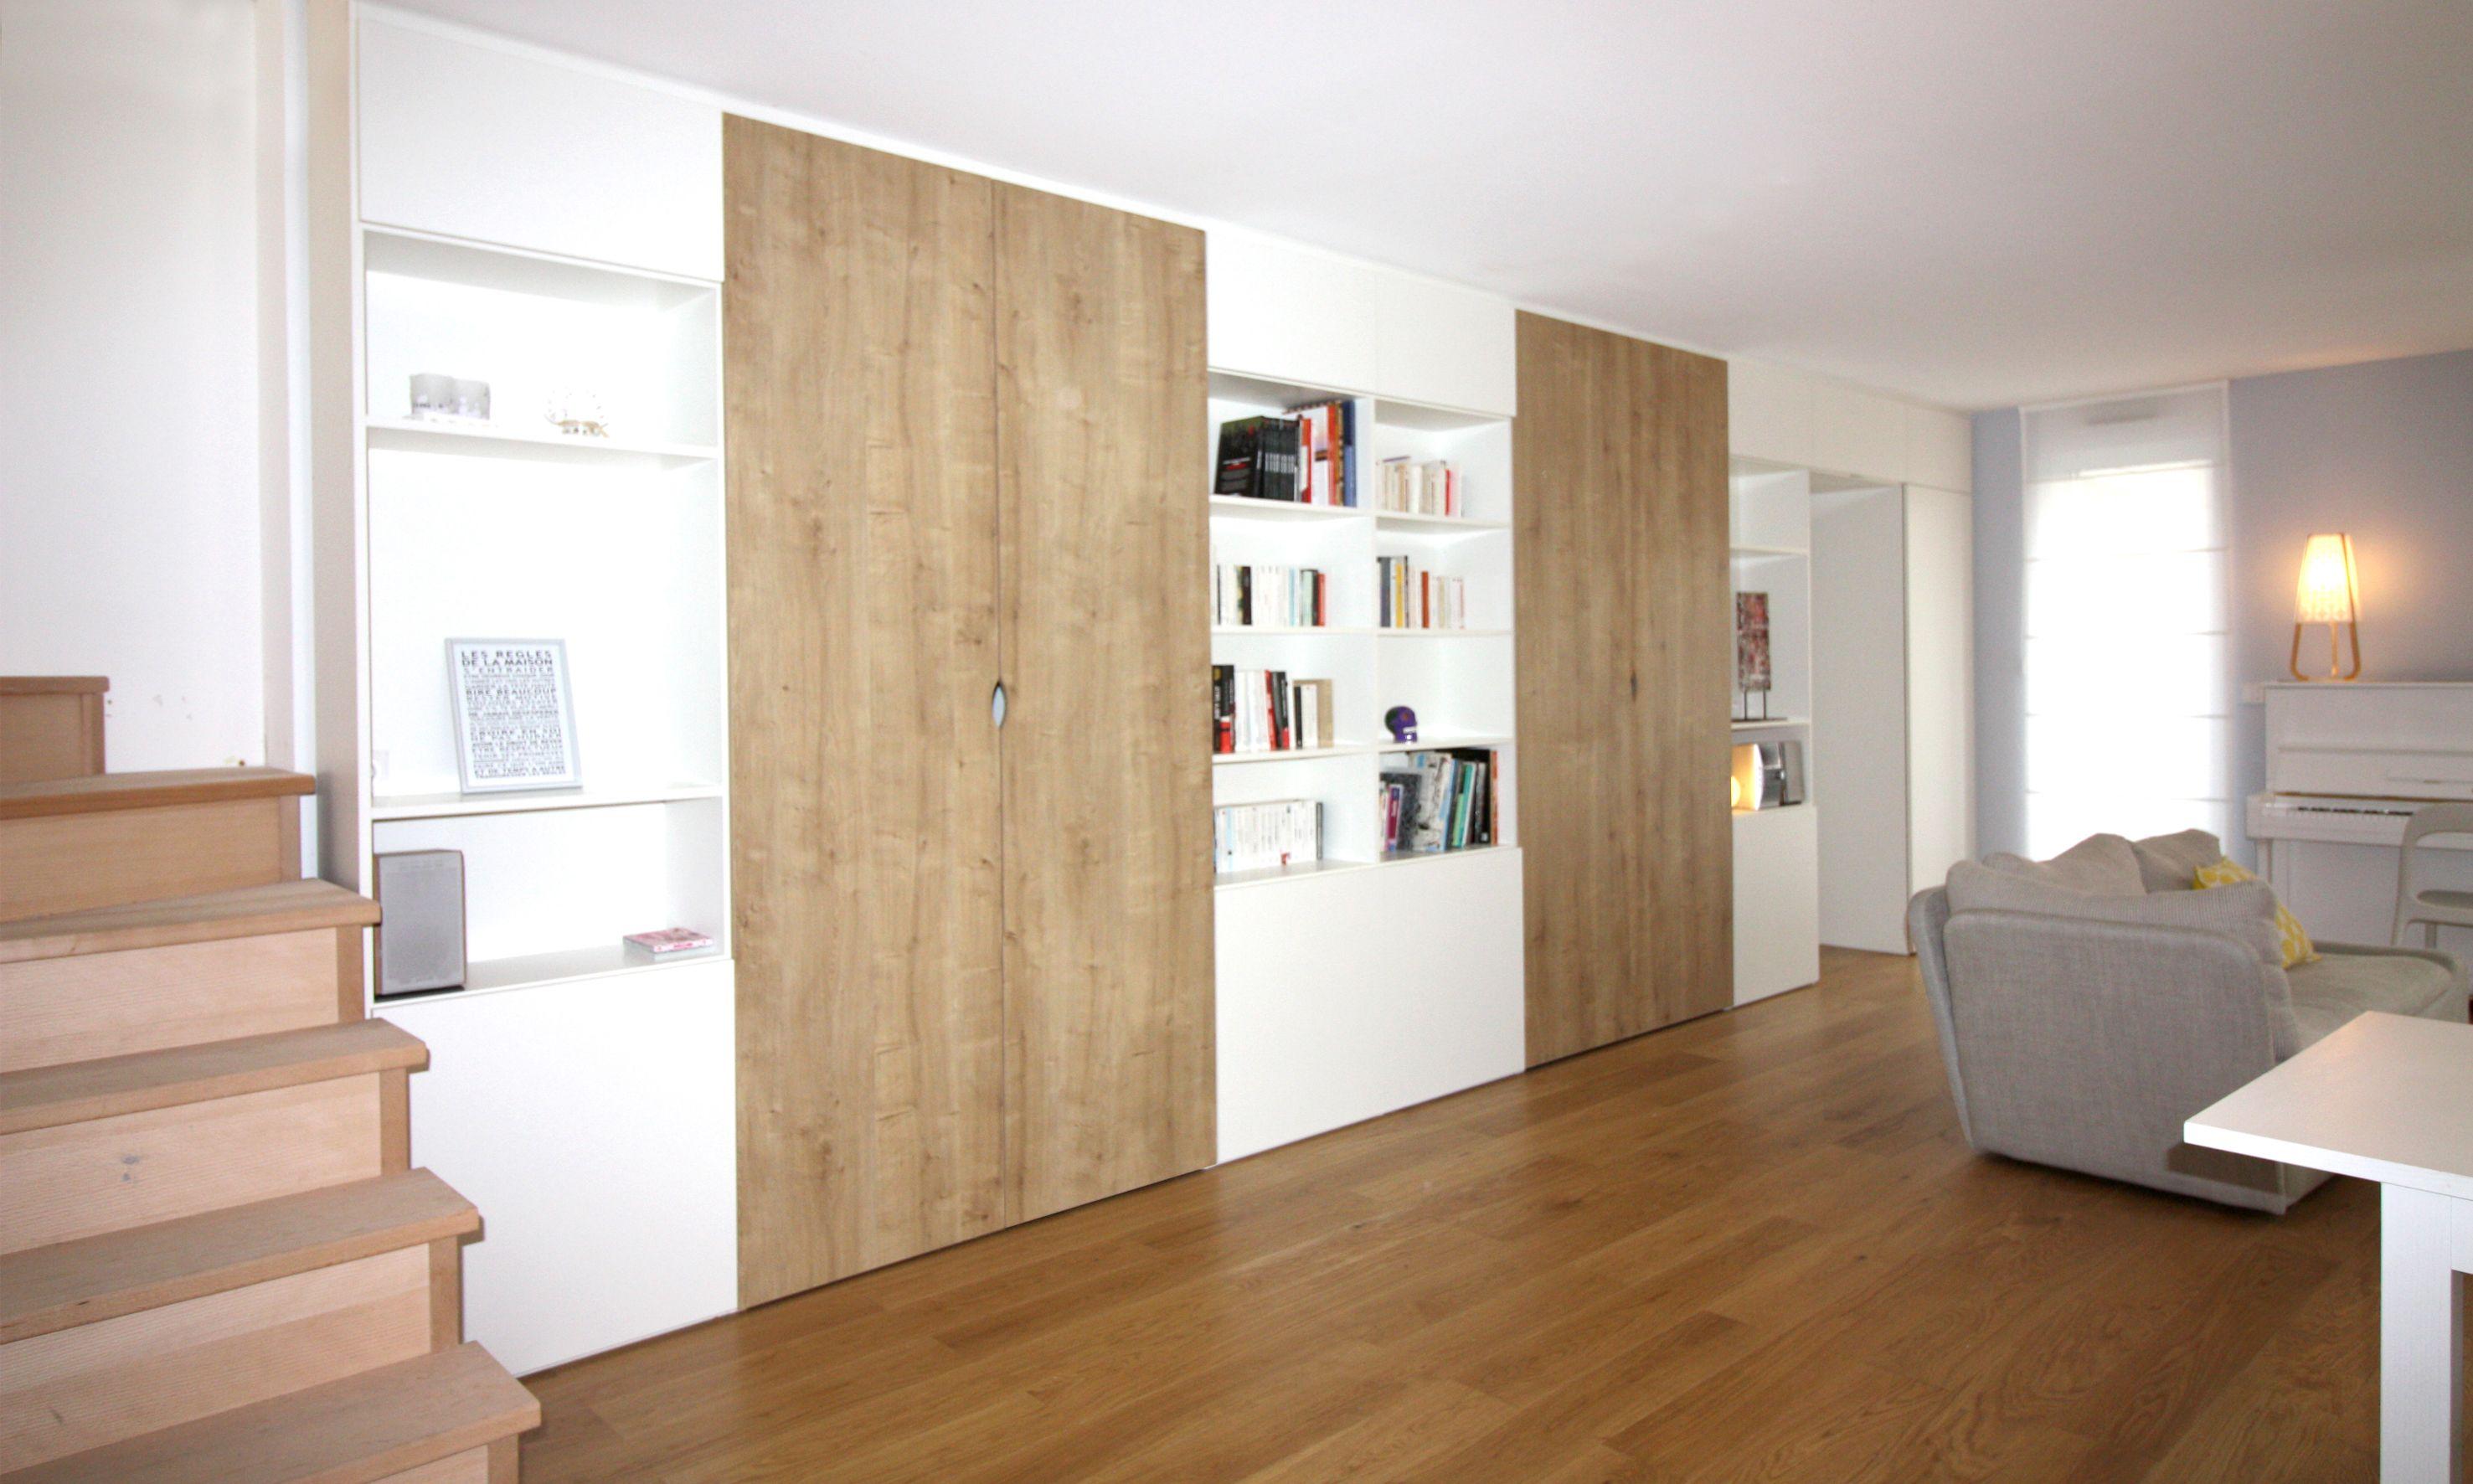 architecte dintrieur lille free great architecte d interieur lille beautiful townhouses. Black Bedroom Furniture Sets. Home Design Ideas